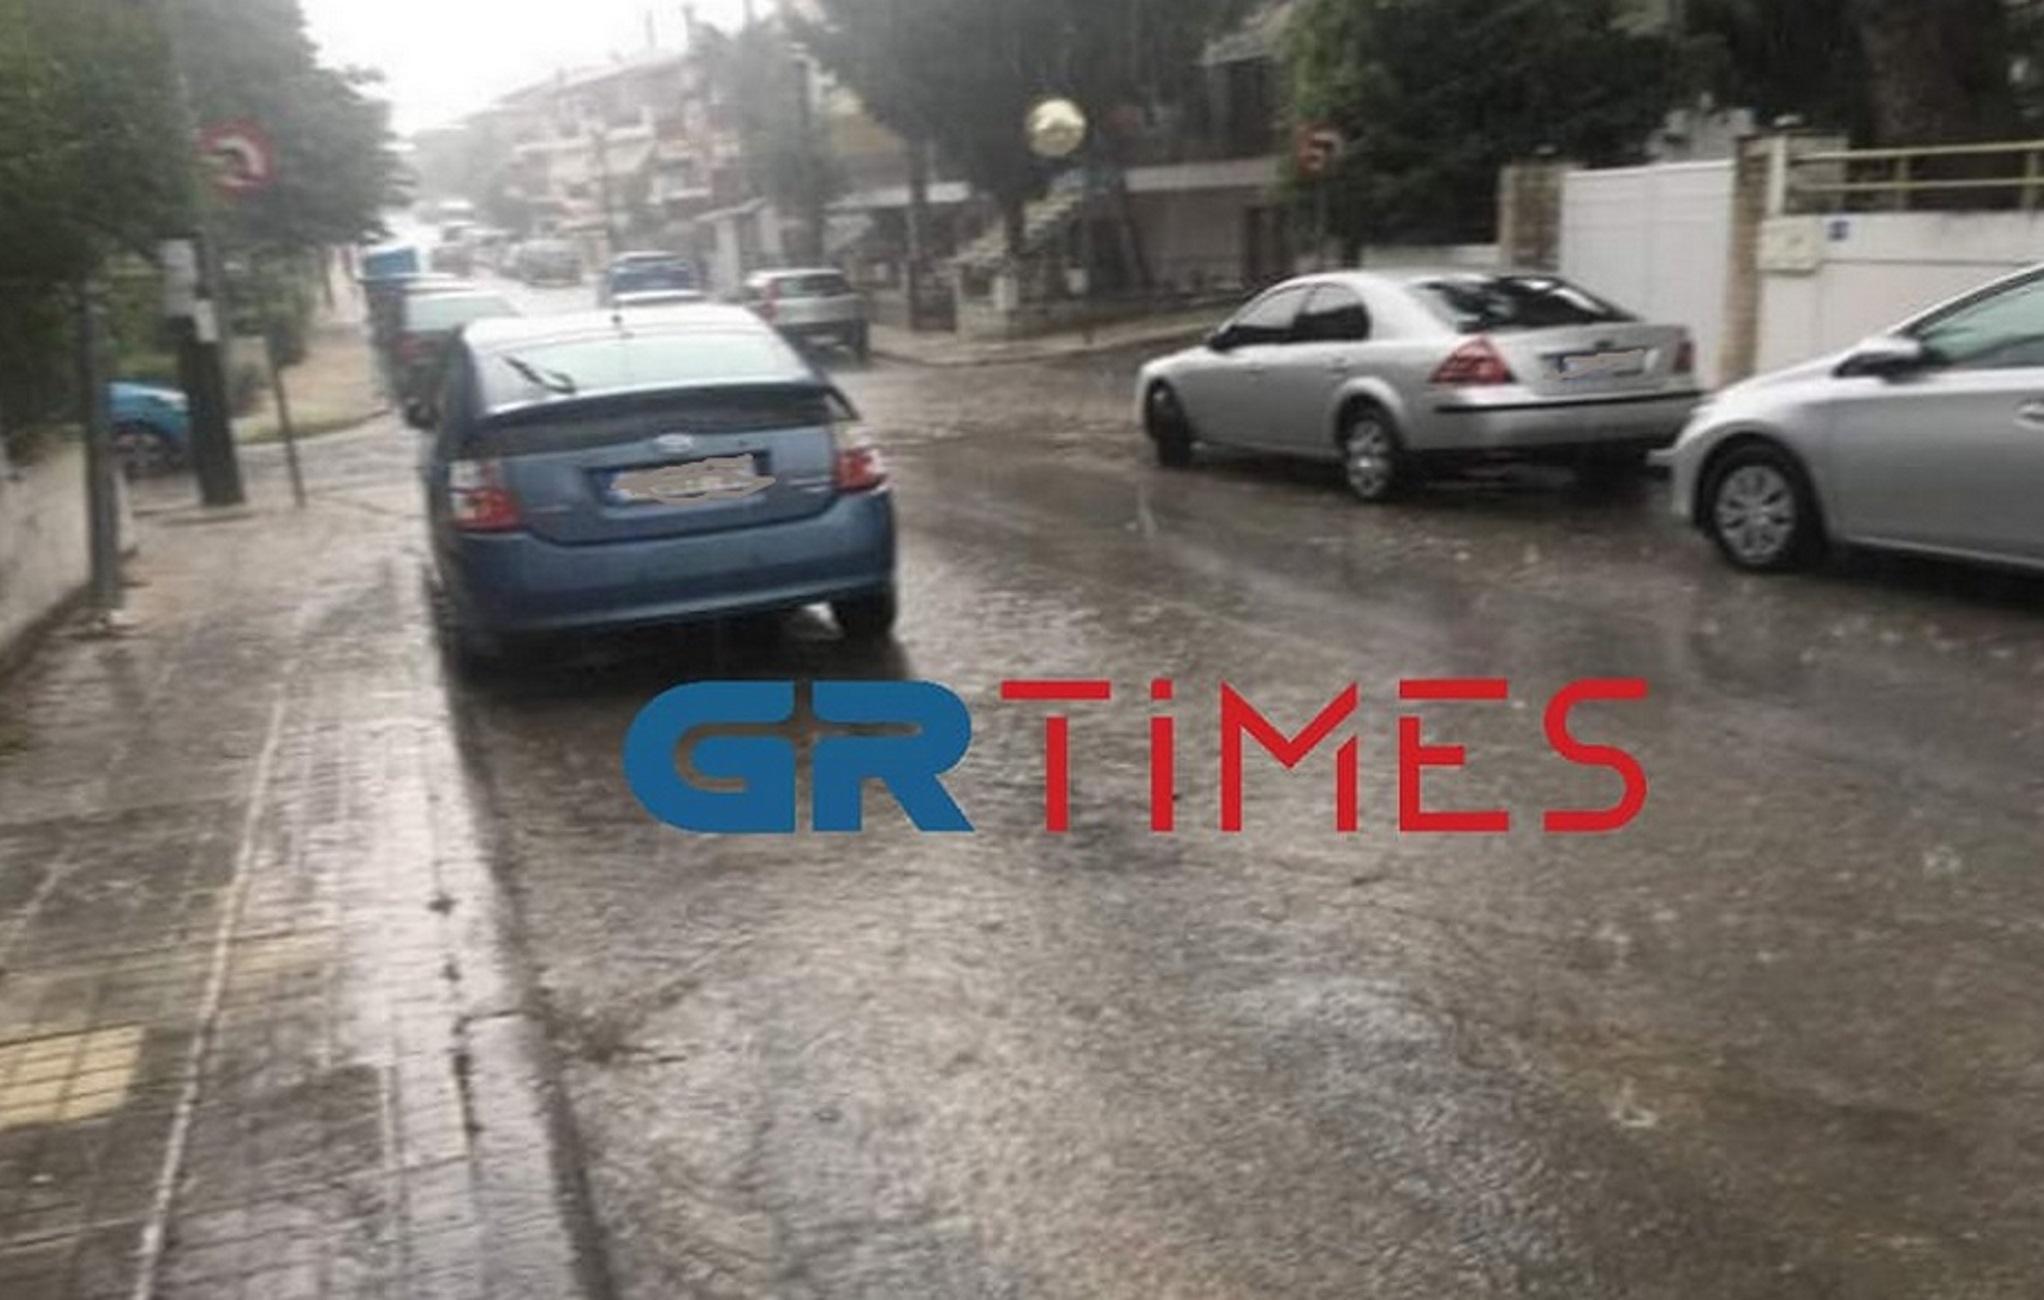 Θεσσαλονίκη: Δυνατό καλοκαιρινό μπουρίνι στο Ωραιόκαστρο – Ερήμωσαν οι δρόμοι της περιοχής